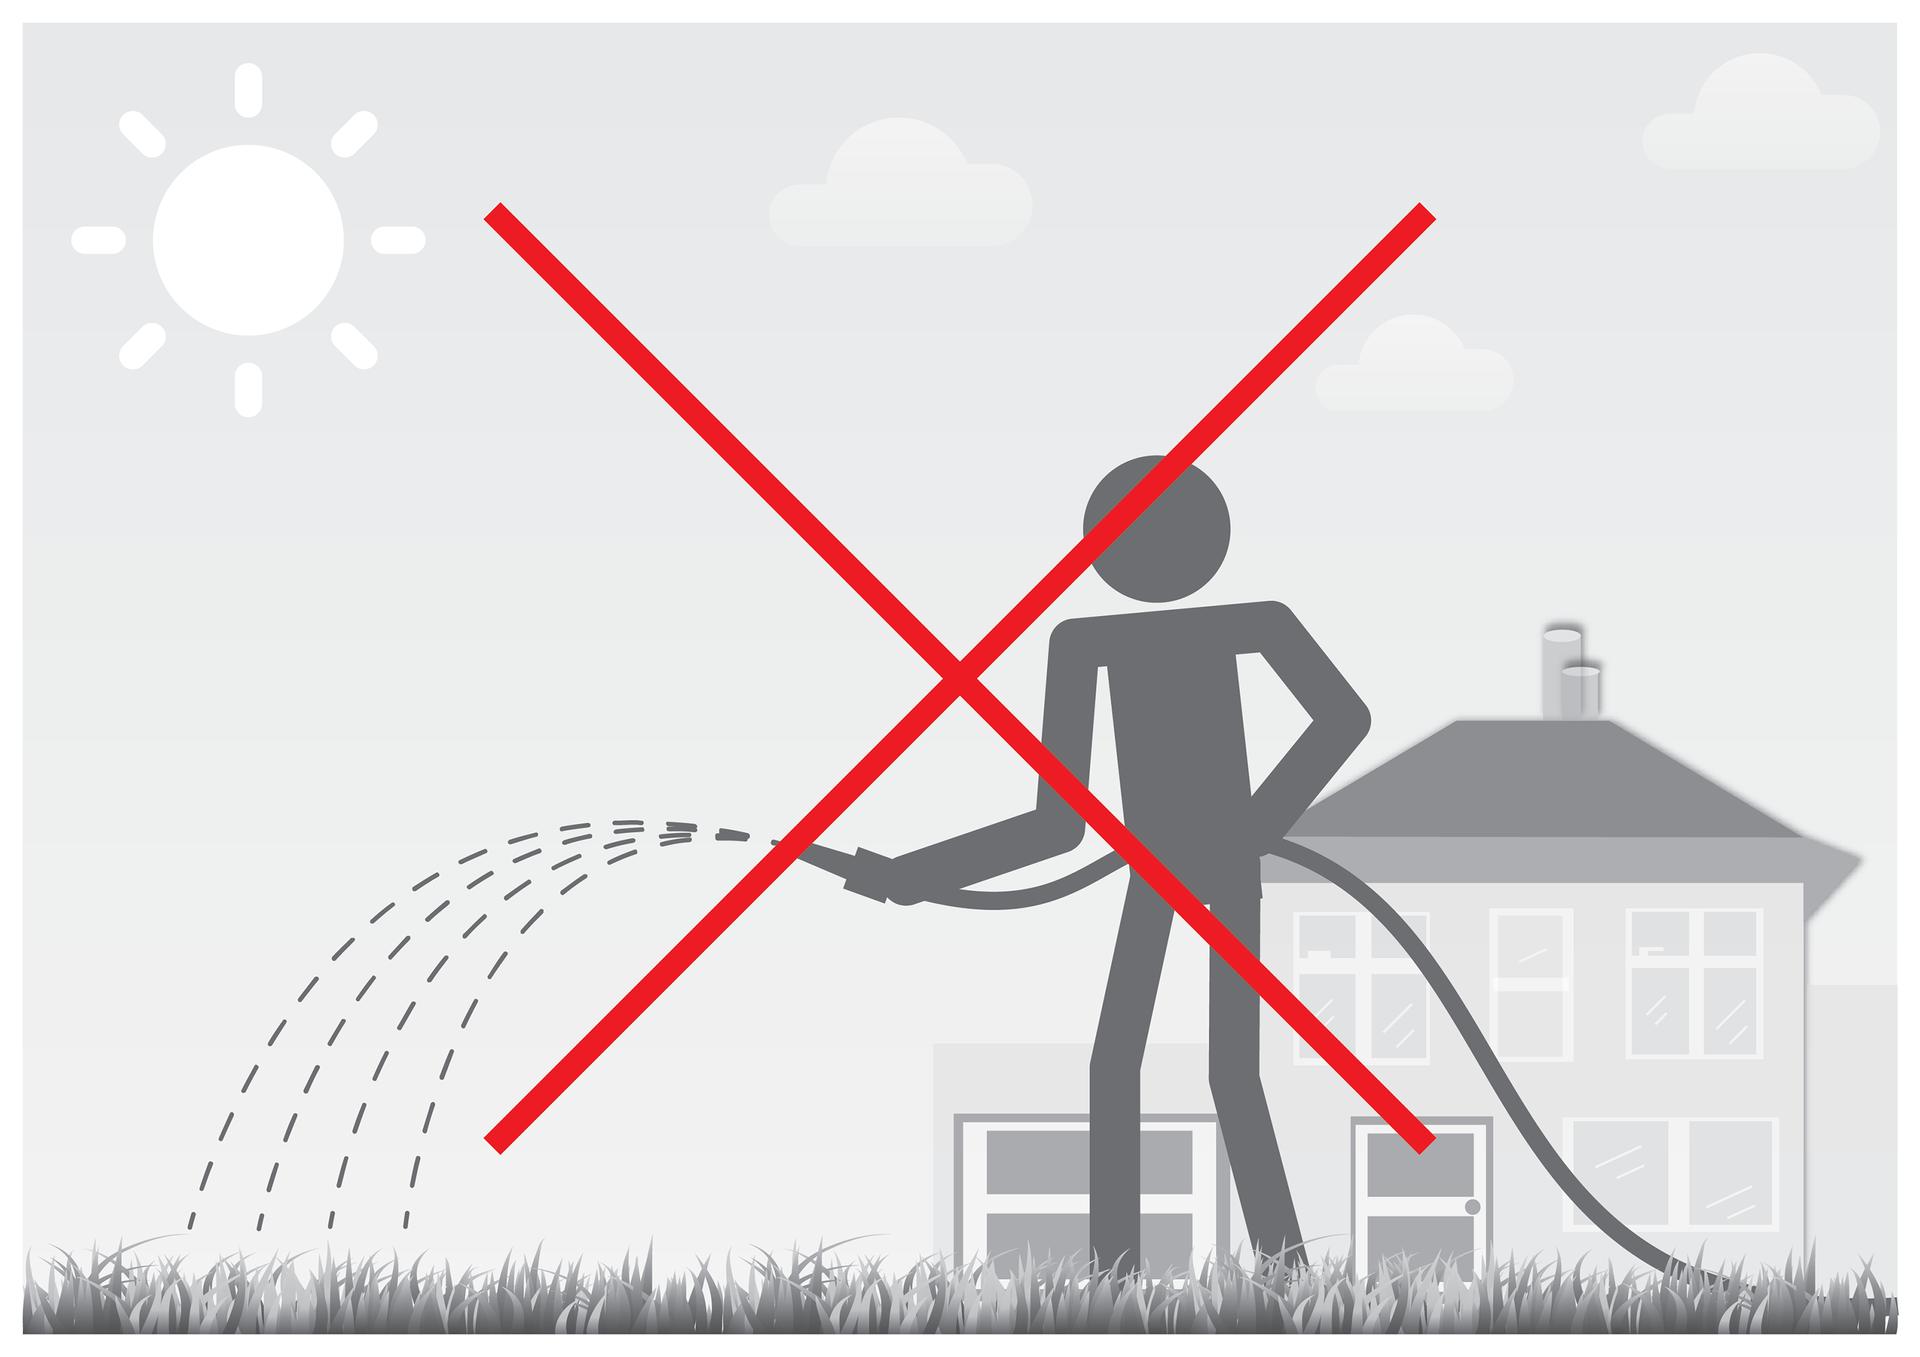 Piąta ilustracja wgalerii. Przedstawia czarno biały symboliczny rysunek człowieka podlewającego trawnik podczas upałów wodą zwęża ogrodowego. Wtle znajduje się dom jednorodzinny zgarażem. Na niebie świeci słońce, chmur mało. Rysunek jest przekreślony czerwonym krzyżem.